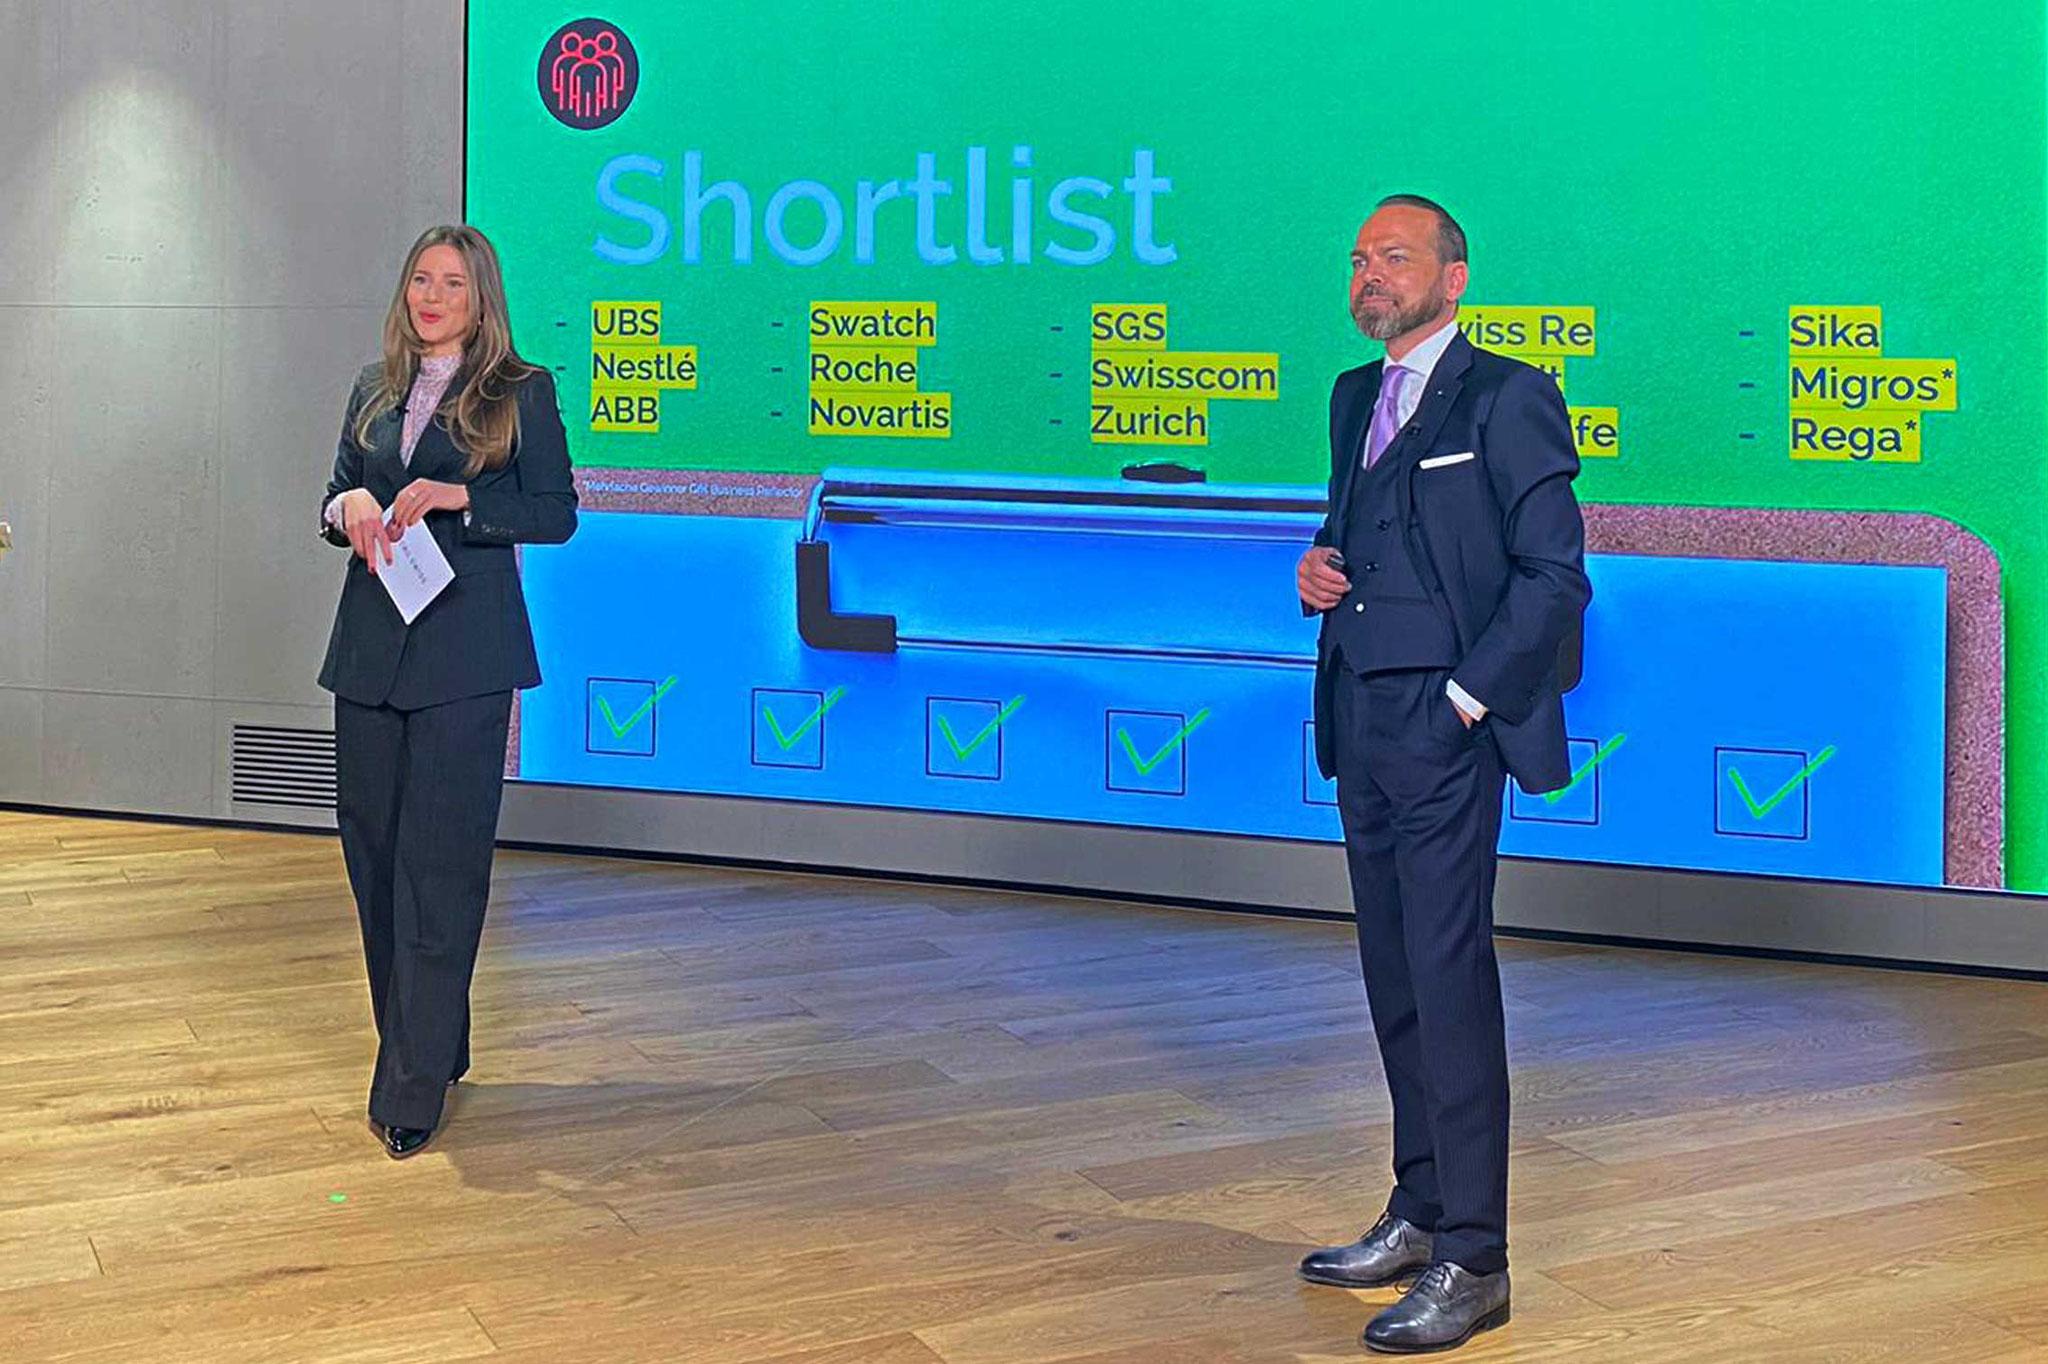 Die Shortlist für den Swiss Reputationmanagement Award wird vorgestellt